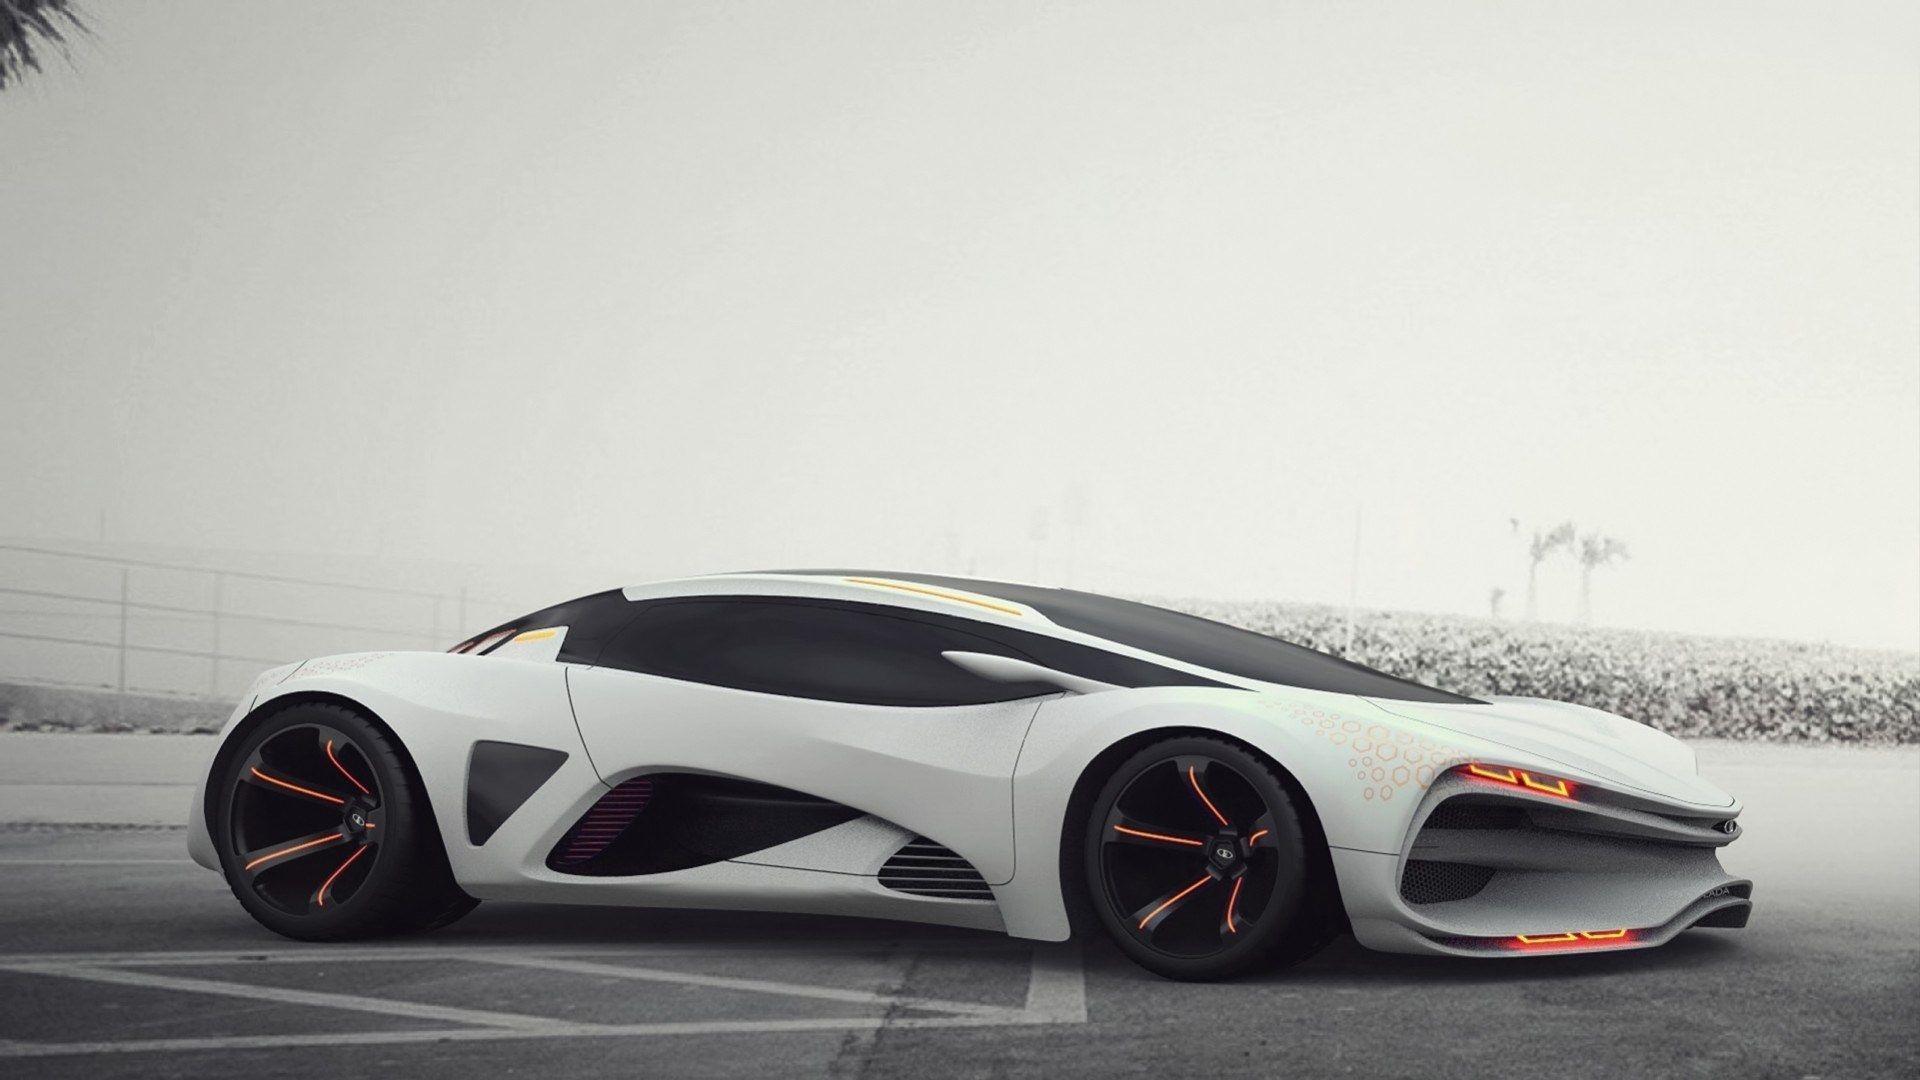 1920x1080 Concept Wallpaper Screensaver Concept Cars Super Cars Cars